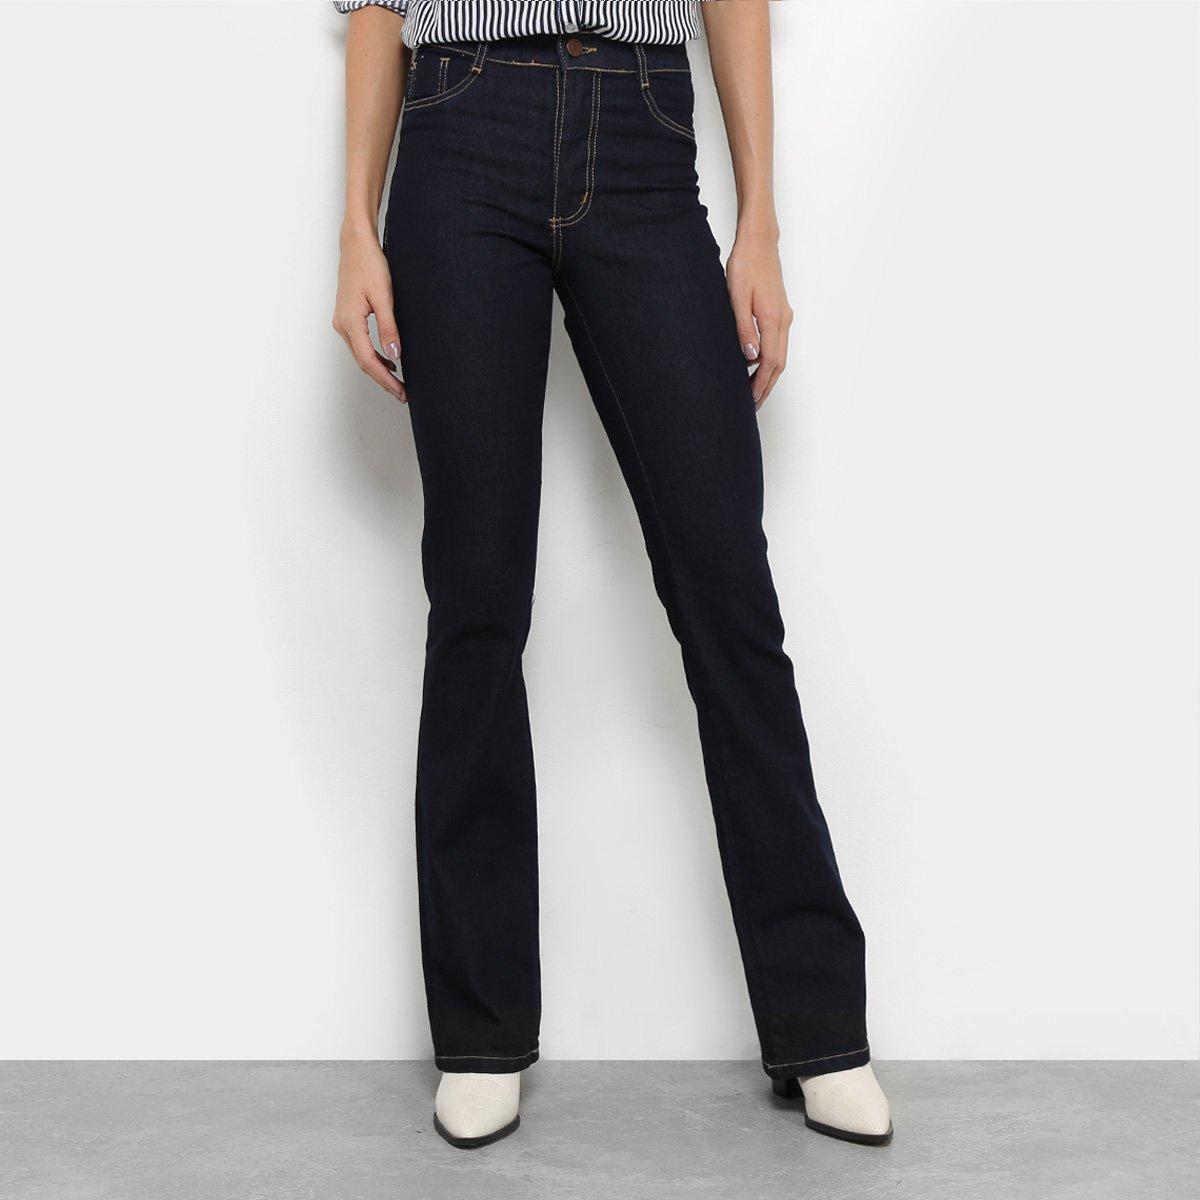 47ae6c1e7 Calça Jeans Flare Sawary Lavagem Escura Cintura Média Feminina